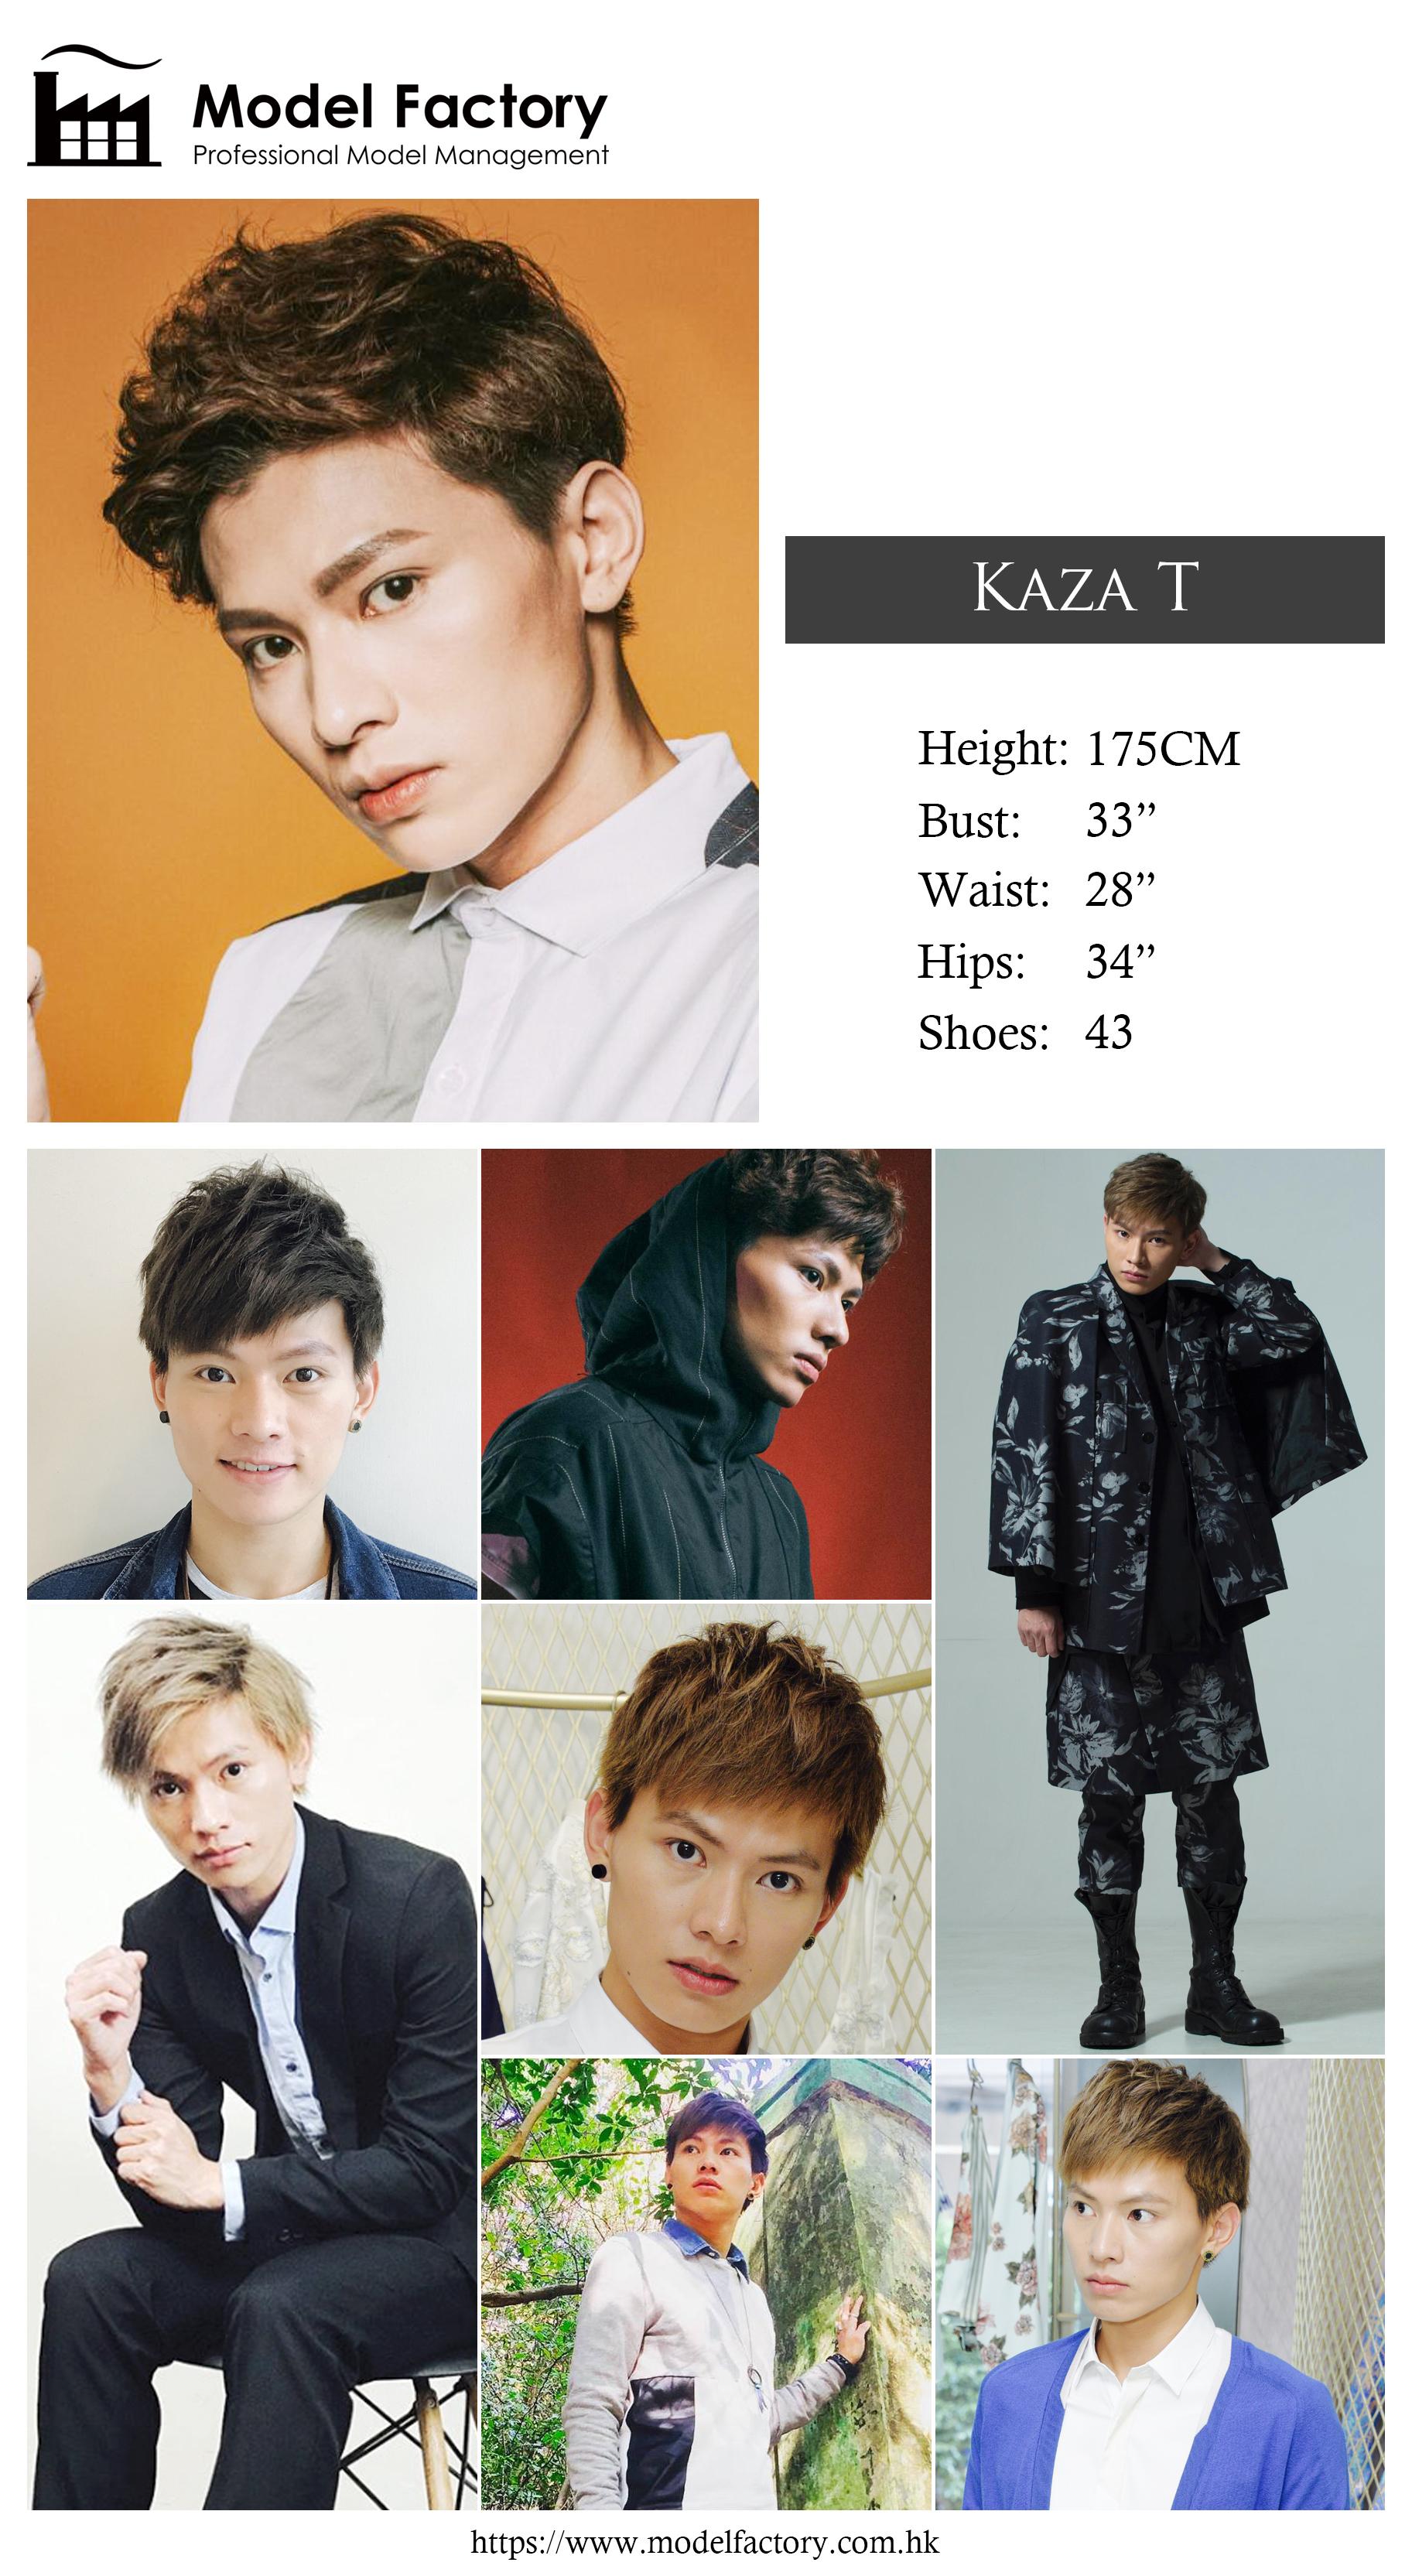 Model Factory Hong Kong Male Model KazaT